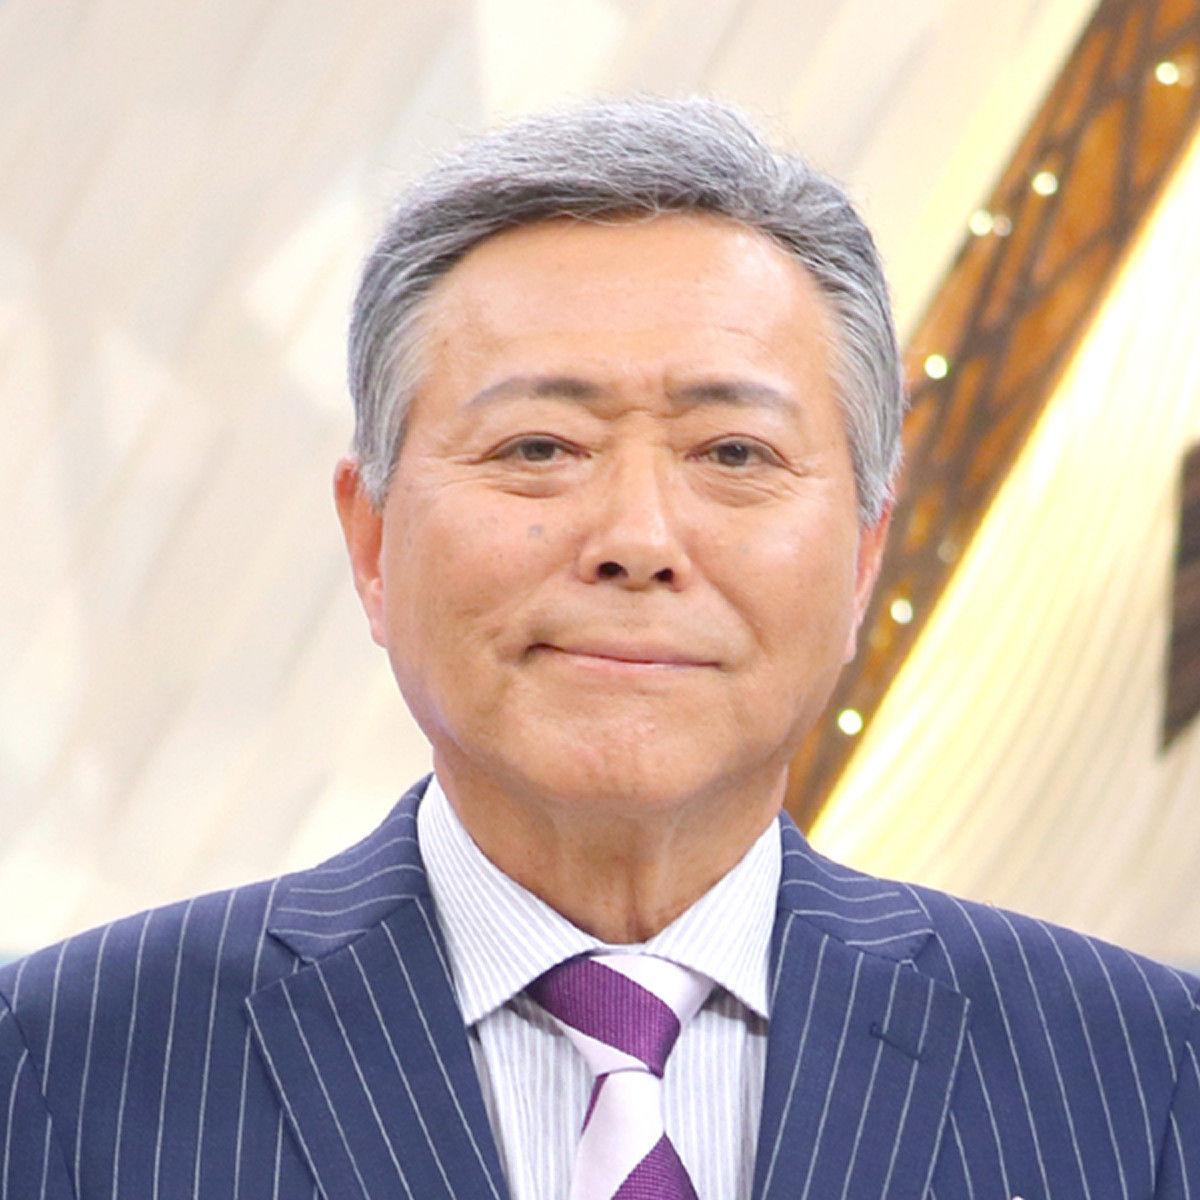 【テレビ】<小倉智昭>ジャニー喜多川社長の訃報に「ジャニーさんがいなければ芸能界は違うものになっていた」